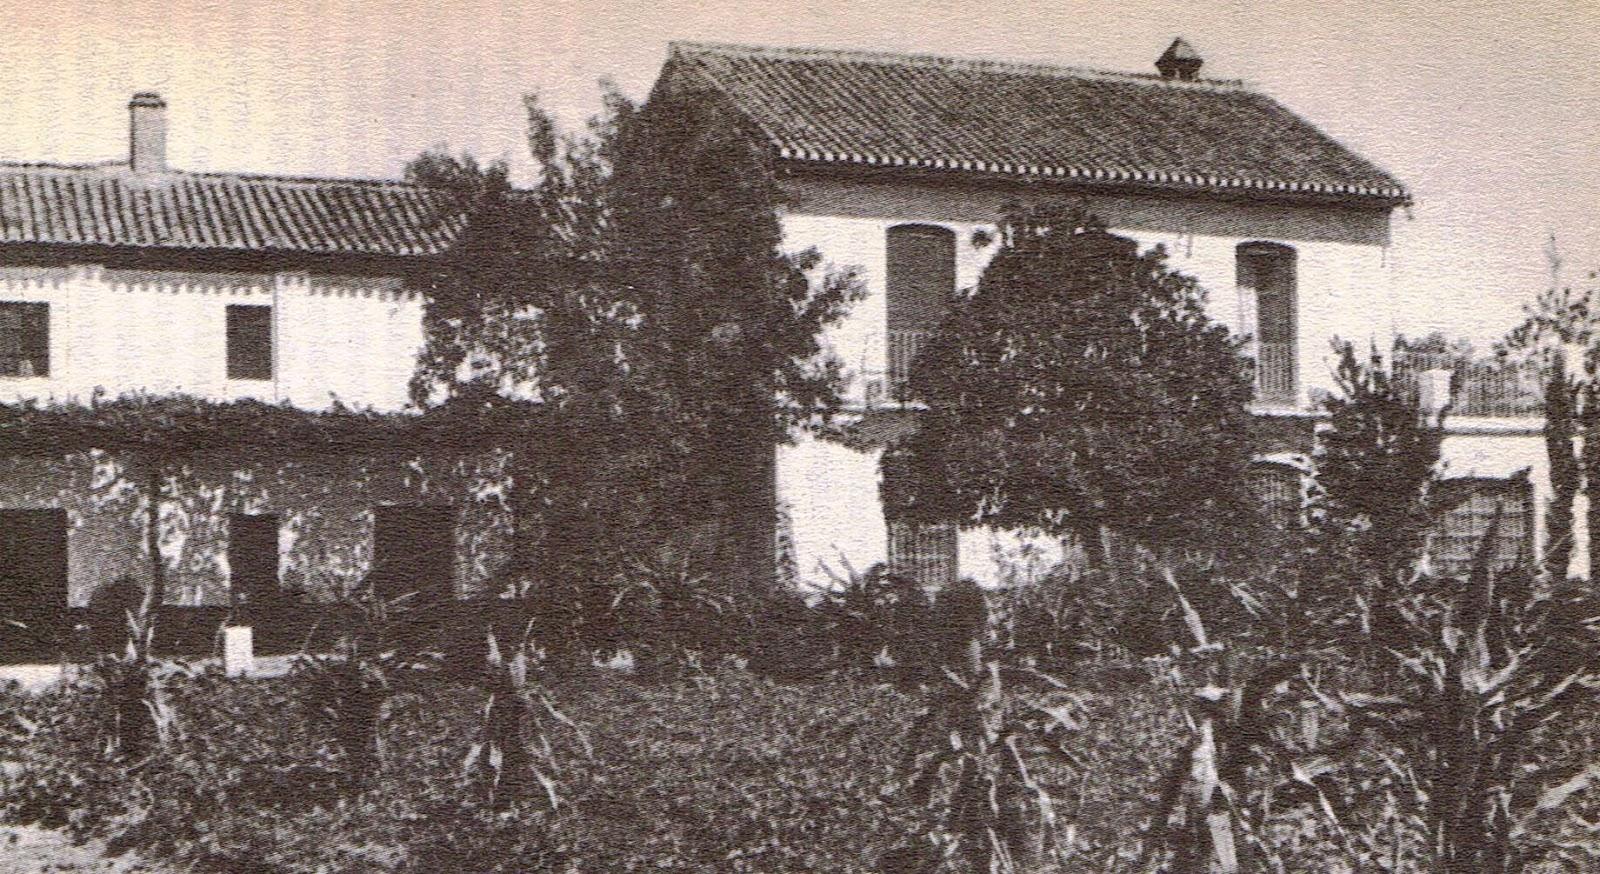 La casa donde Lorca pasaba sus veranos en Granada